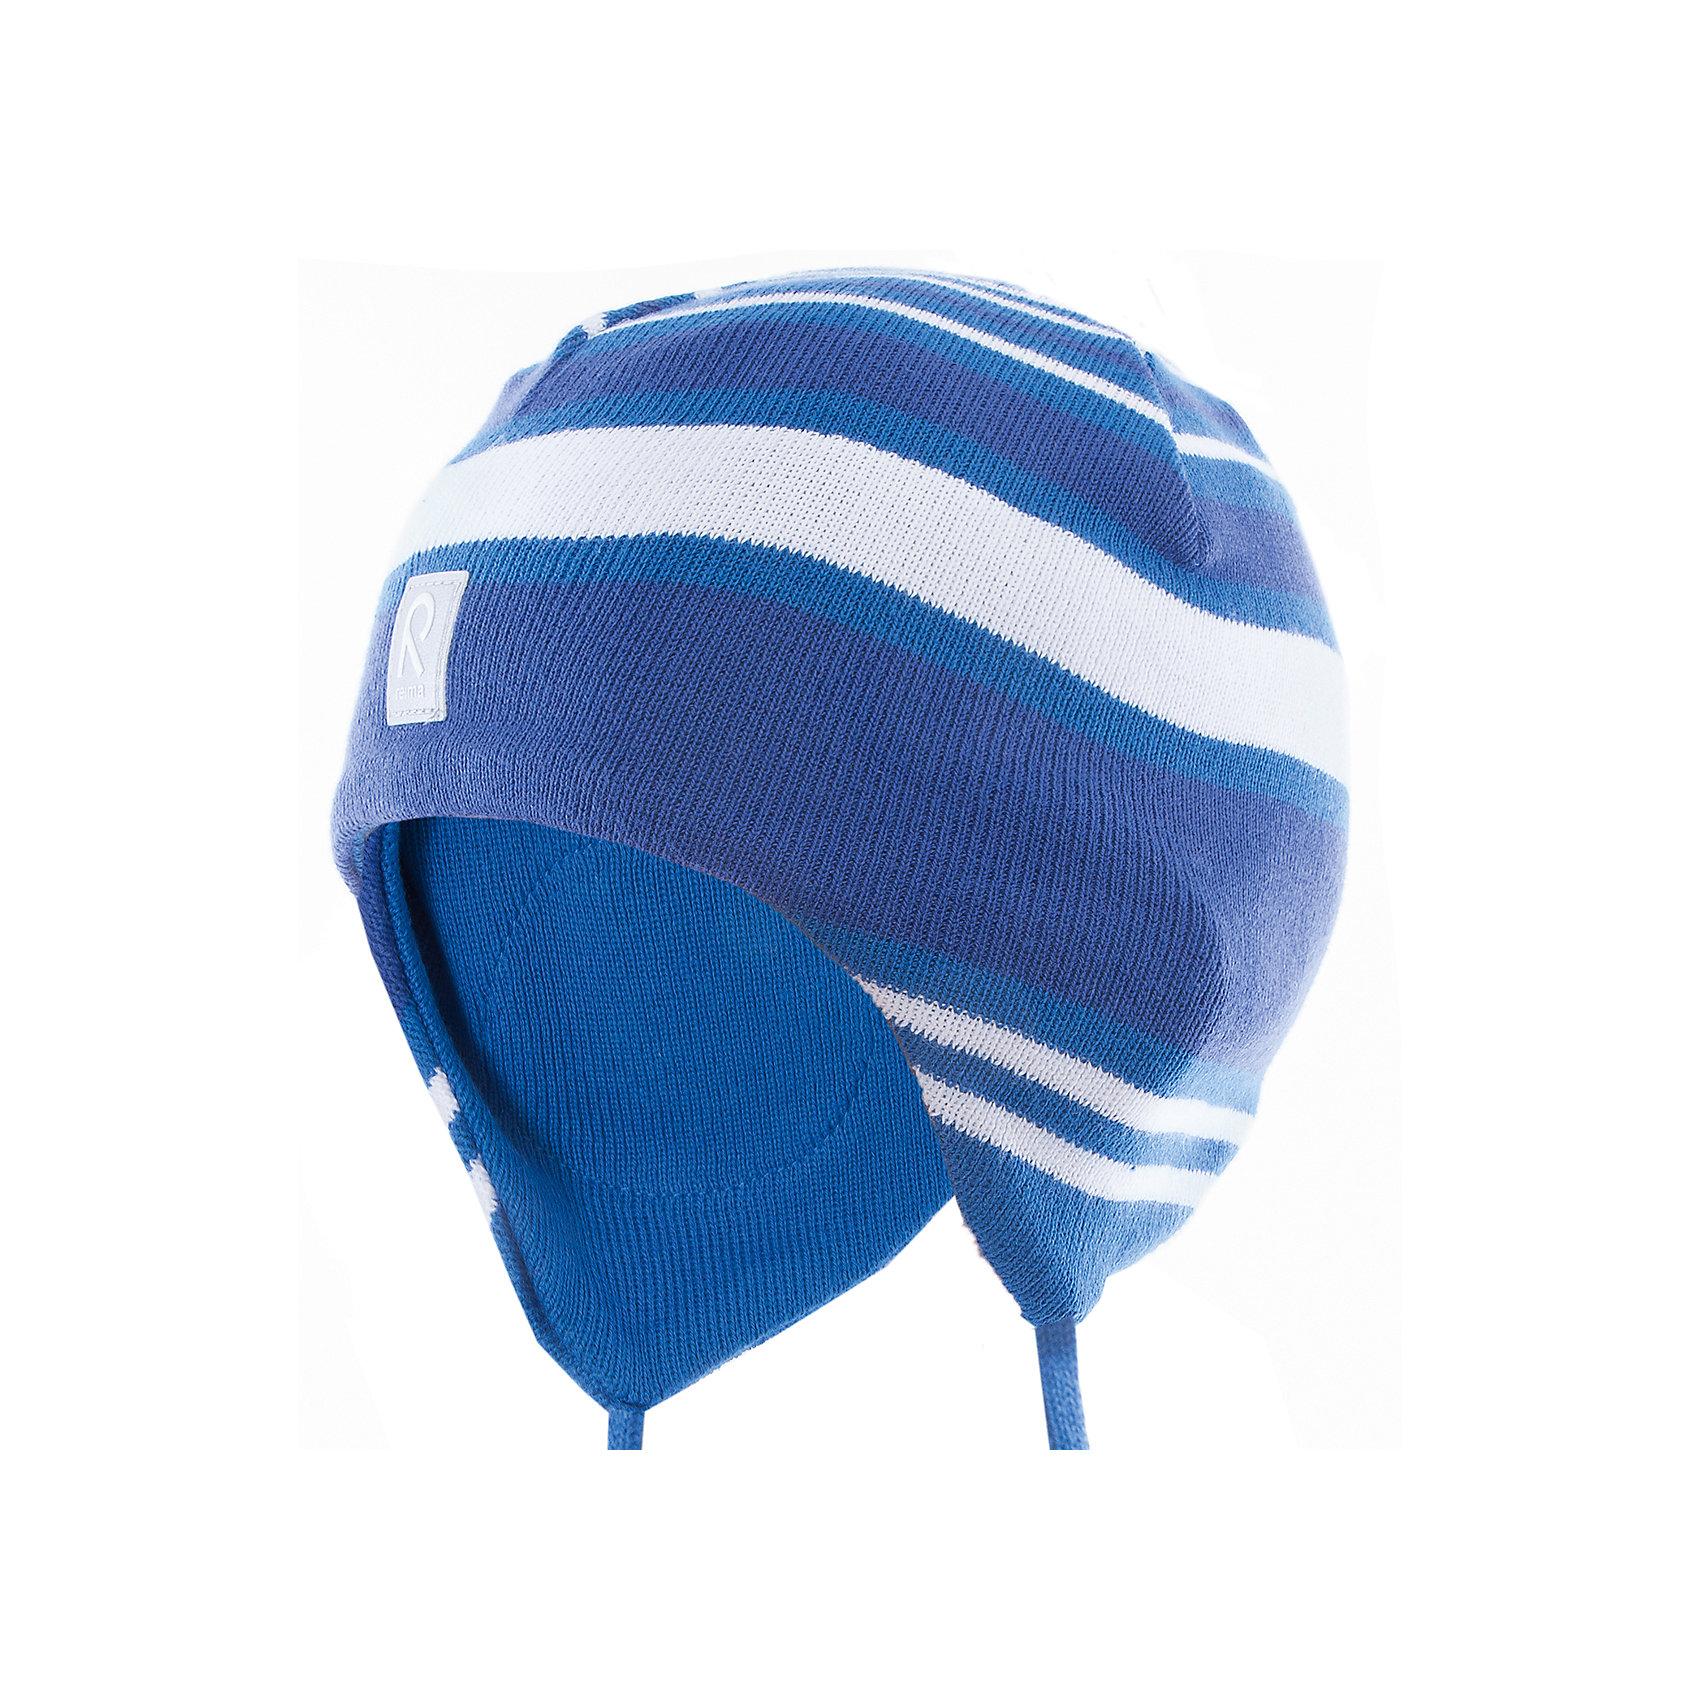 Шапка Aqueous ReimaШапки и шарфы<br>Характеристики товара:<br><br>• цвет: синий<br>• состав: 100% хлопок<br>• полуподкладка: хлопковый трикотаж<br>• температурный режим: от +5С<br>• эластичный хлопковый трикотаж<br>• инделие сертифицированно по стандарту Oeko-Tex на продукция класса 1 - одежда для новорождённых<br>• ветронепроницаемые вставки в области ушей<br>• завязки во всех размерах<br>• эмблема Reima спереди<br>• светоотражающие детали<br>• страна бренда: Финляндия<br>• страна производства: Китай<br><br>Детский головной убор может быть модным и удобным одновременно! Стильная шапка поможет обеспечить ребенку комфорт и дополнить наряд.  Шапка удобно сидит и аккуратно выглядит. Проста в уходе, долго служит. Стильный дизайн разрабатывался специально для детей. Отличная защита от дождя и ветра!<br><br>Уход:<br><br>• стирать по отдельности, вывернув наизнанку<br>• придать первоначальную форму вo влажном виде<br>• возможна усадка 5 %.<br><br>Шапку от финского бренда Reima (Рейма) можно купить в нашем интернет-магазине.<br><br>Ширина мм: 89<br>Глубина мм: 117<br>Высота мм: 44<br>Вес г: 155<br>Цвет: синий<br>Возраст от месяцев: 18<br>Возраст до месяцев: 36<br>Пол: Унисекс<br>Возраст: Детский<br>Размер: 50,46,52,48<br>SKU: 5265832